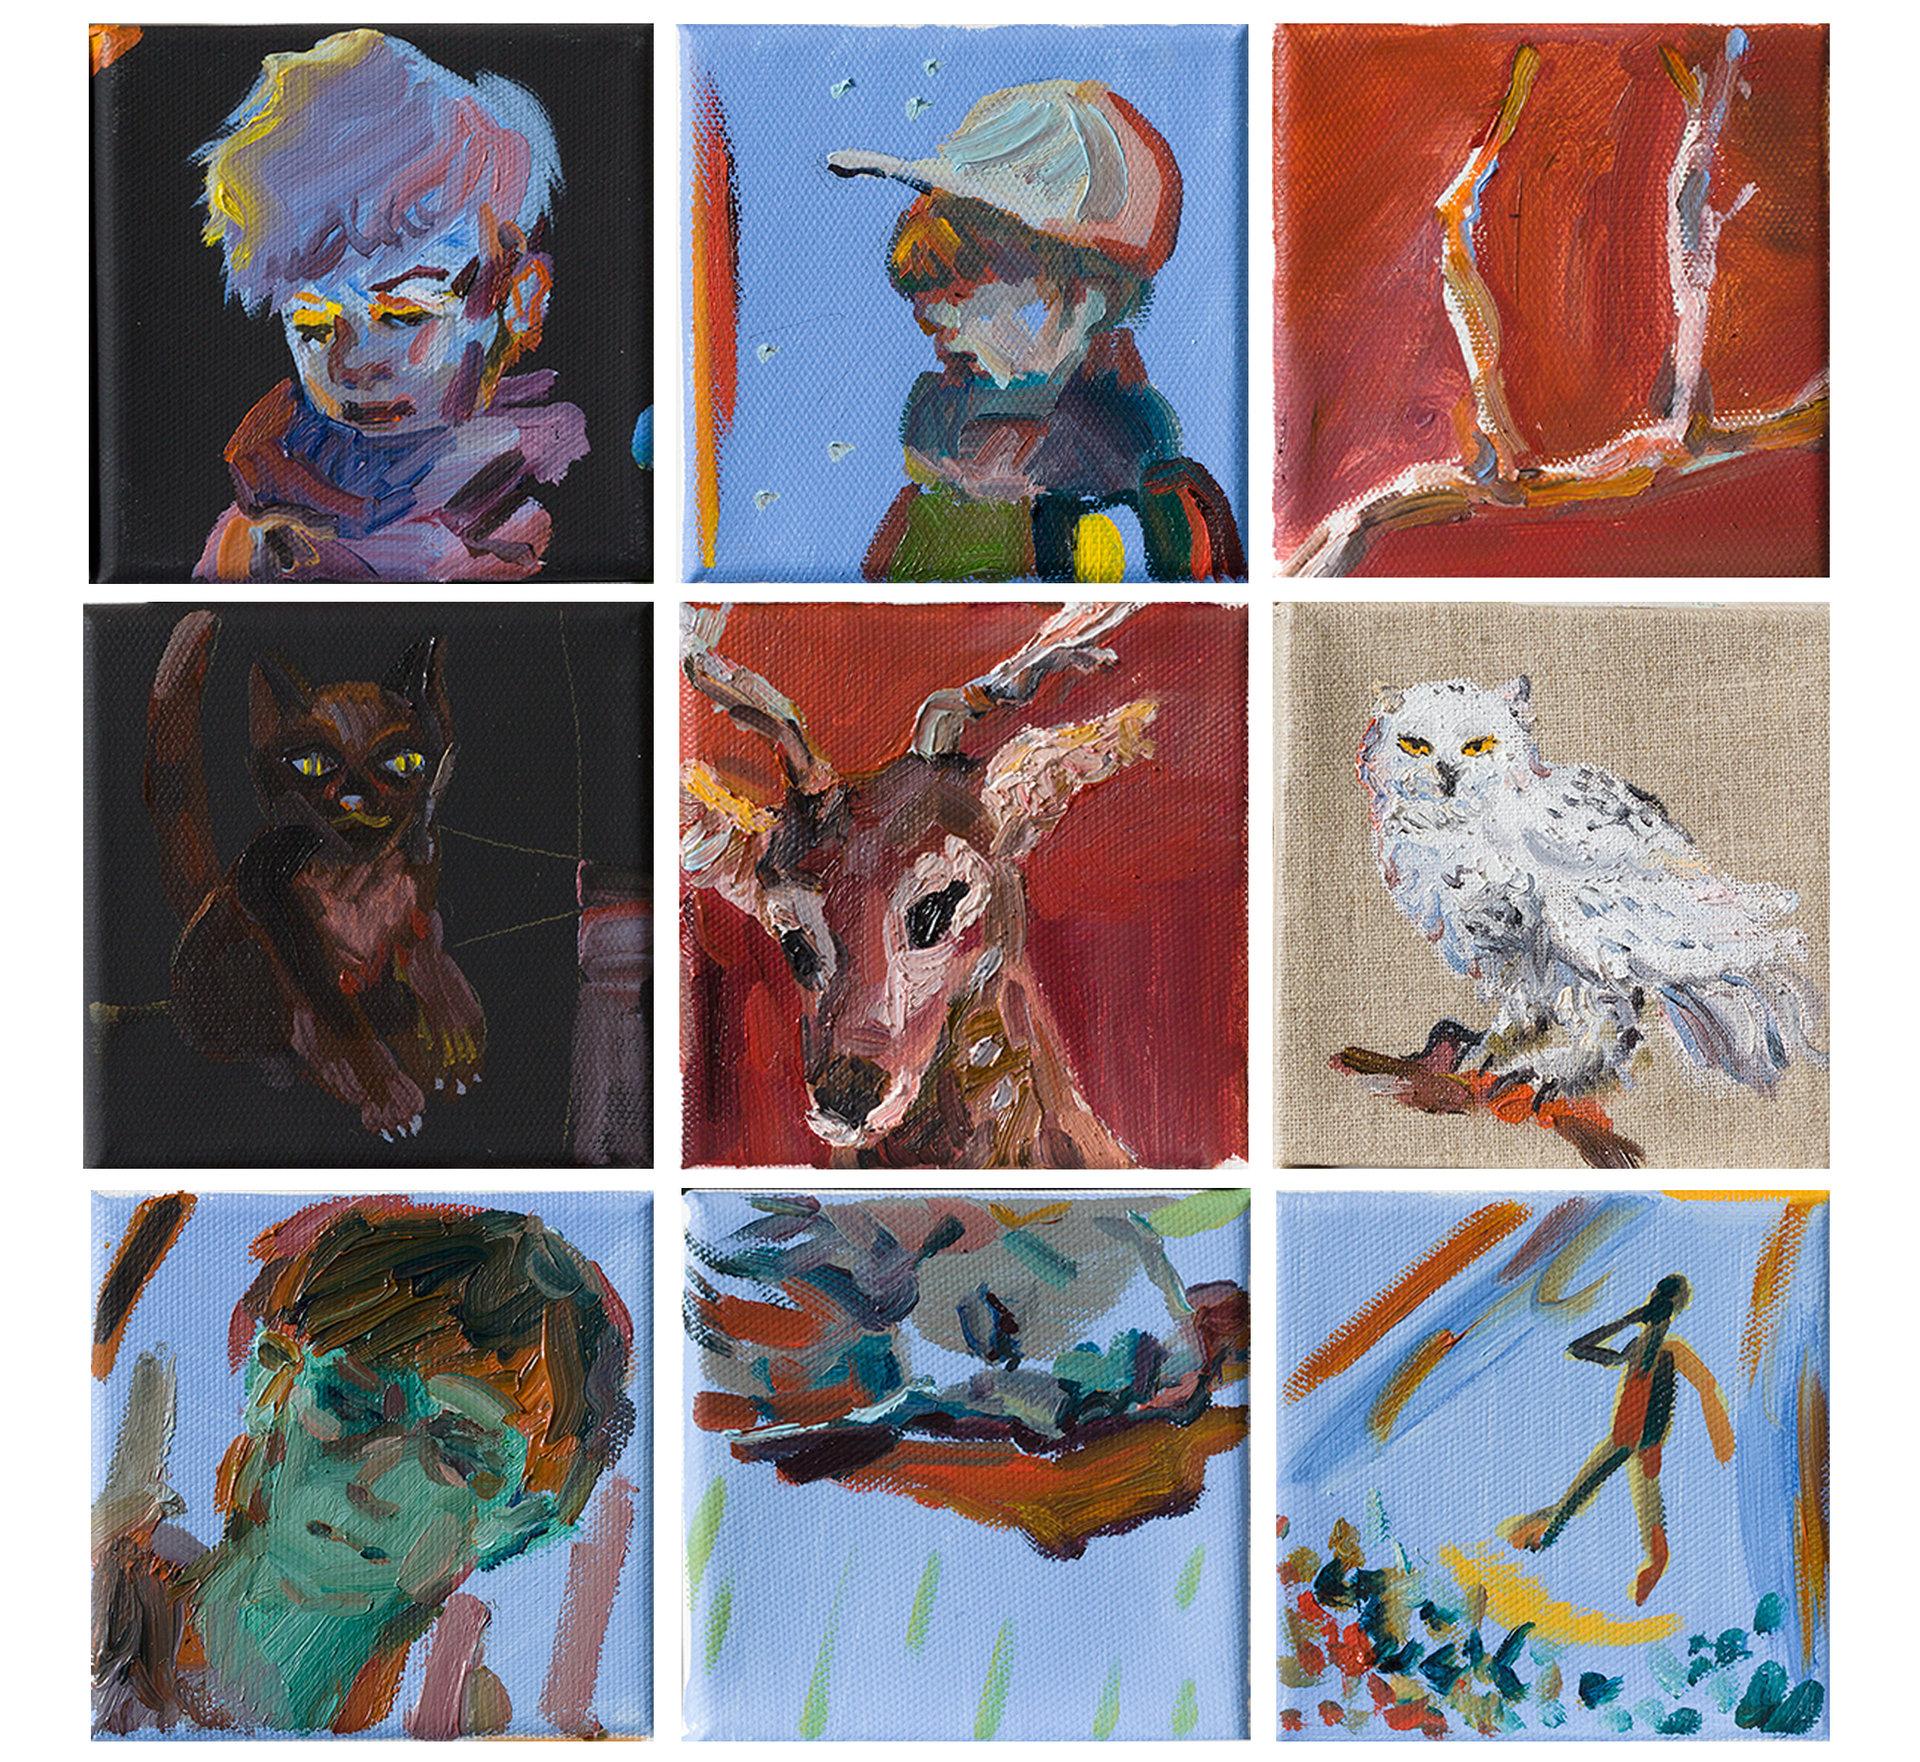 목도리, 꼬마, 뿔, 밤고양이, 사슴, 부엉이 신 헤라클레스, 그림자, 콘서트, 2018, 10x10cm